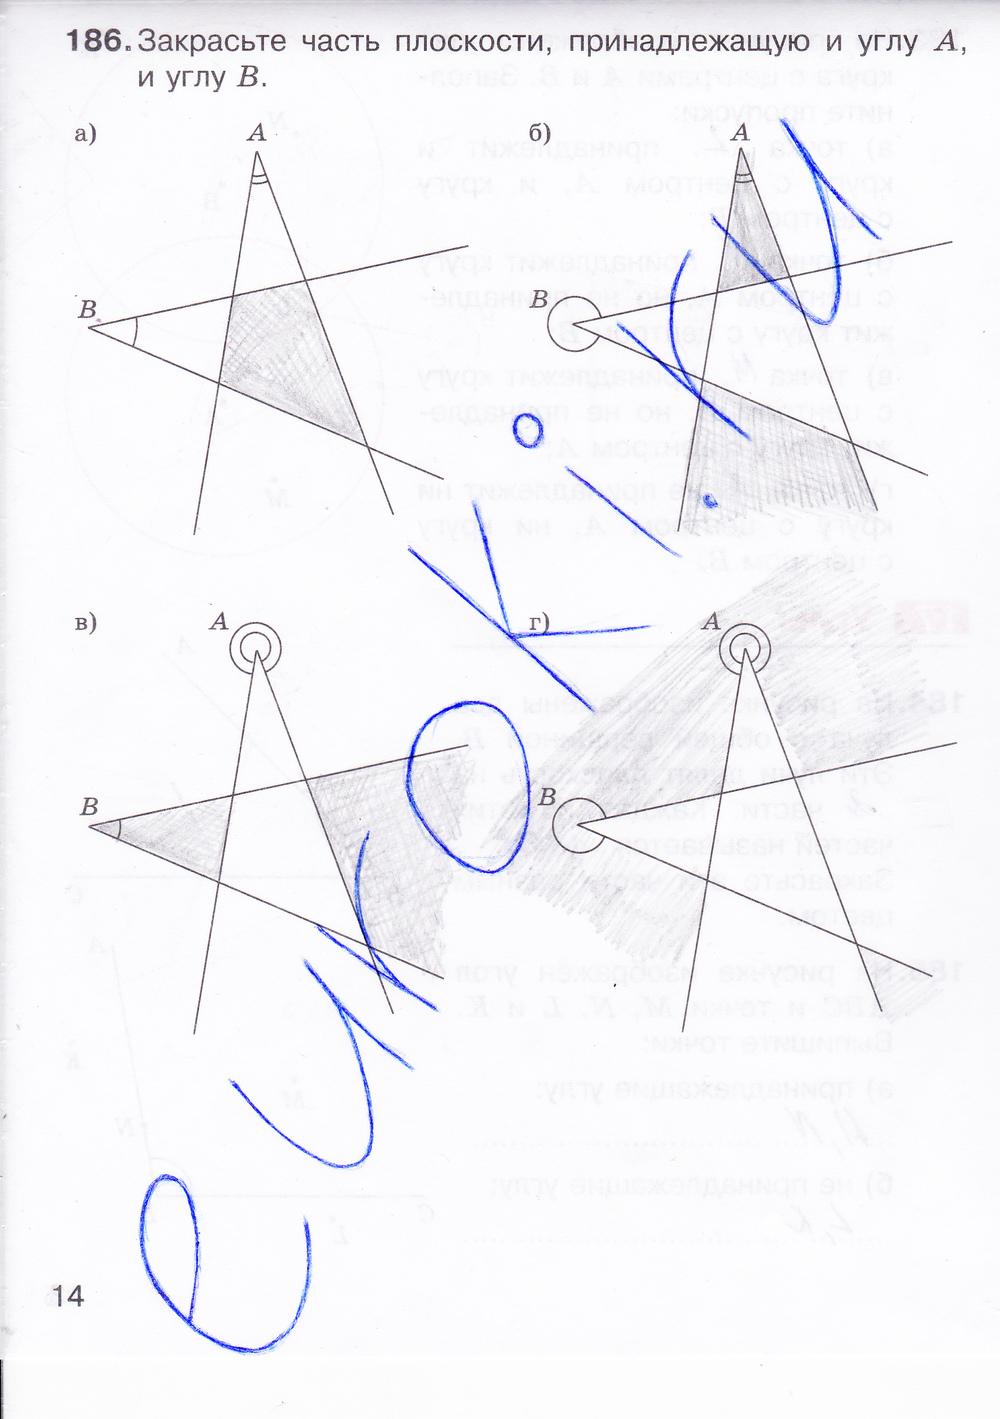 ГДЗ по математике 5 класс рабочая тетрадь Потапов, Шевкин К учебнику Никольского Часть 1, 2. Задание: стр. 14